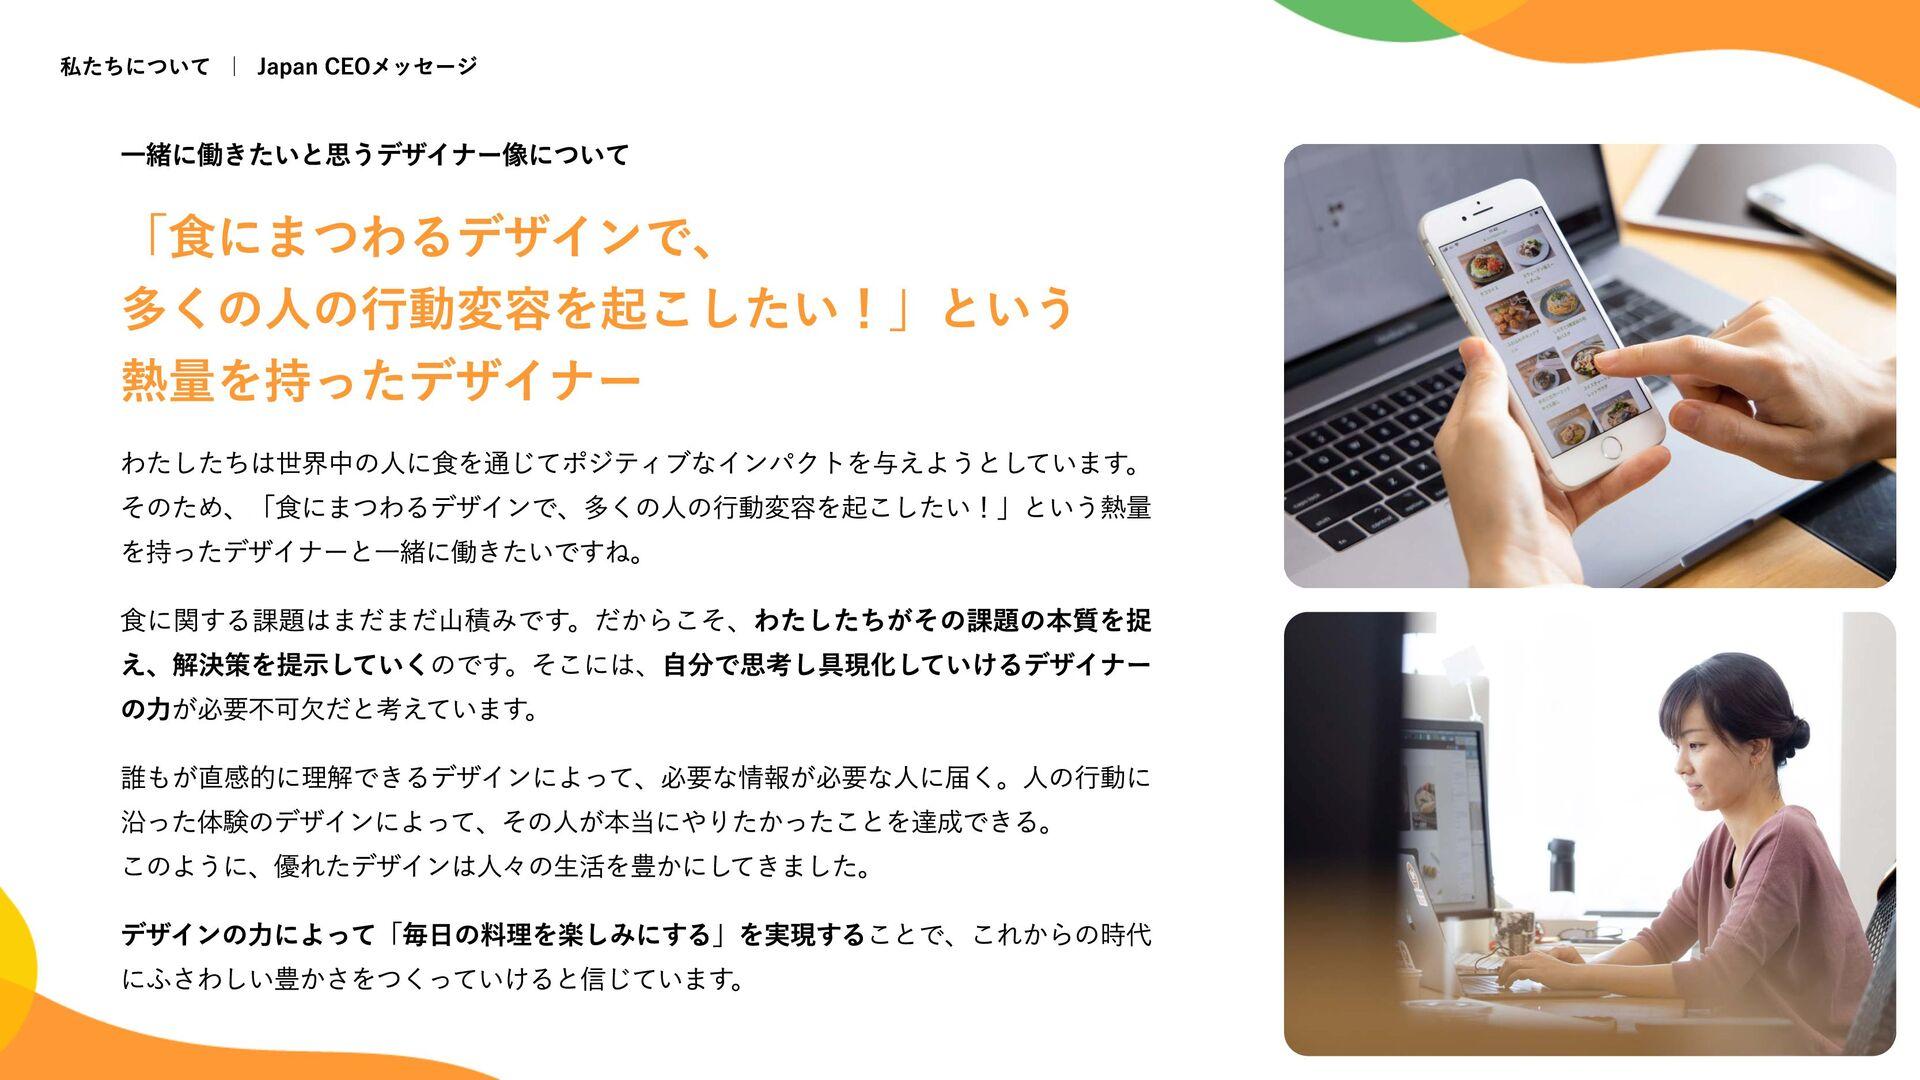 現在の挑戦 | オフィス 2 関連するインタビュー記事 Japan CEOが語るクックパッドが...